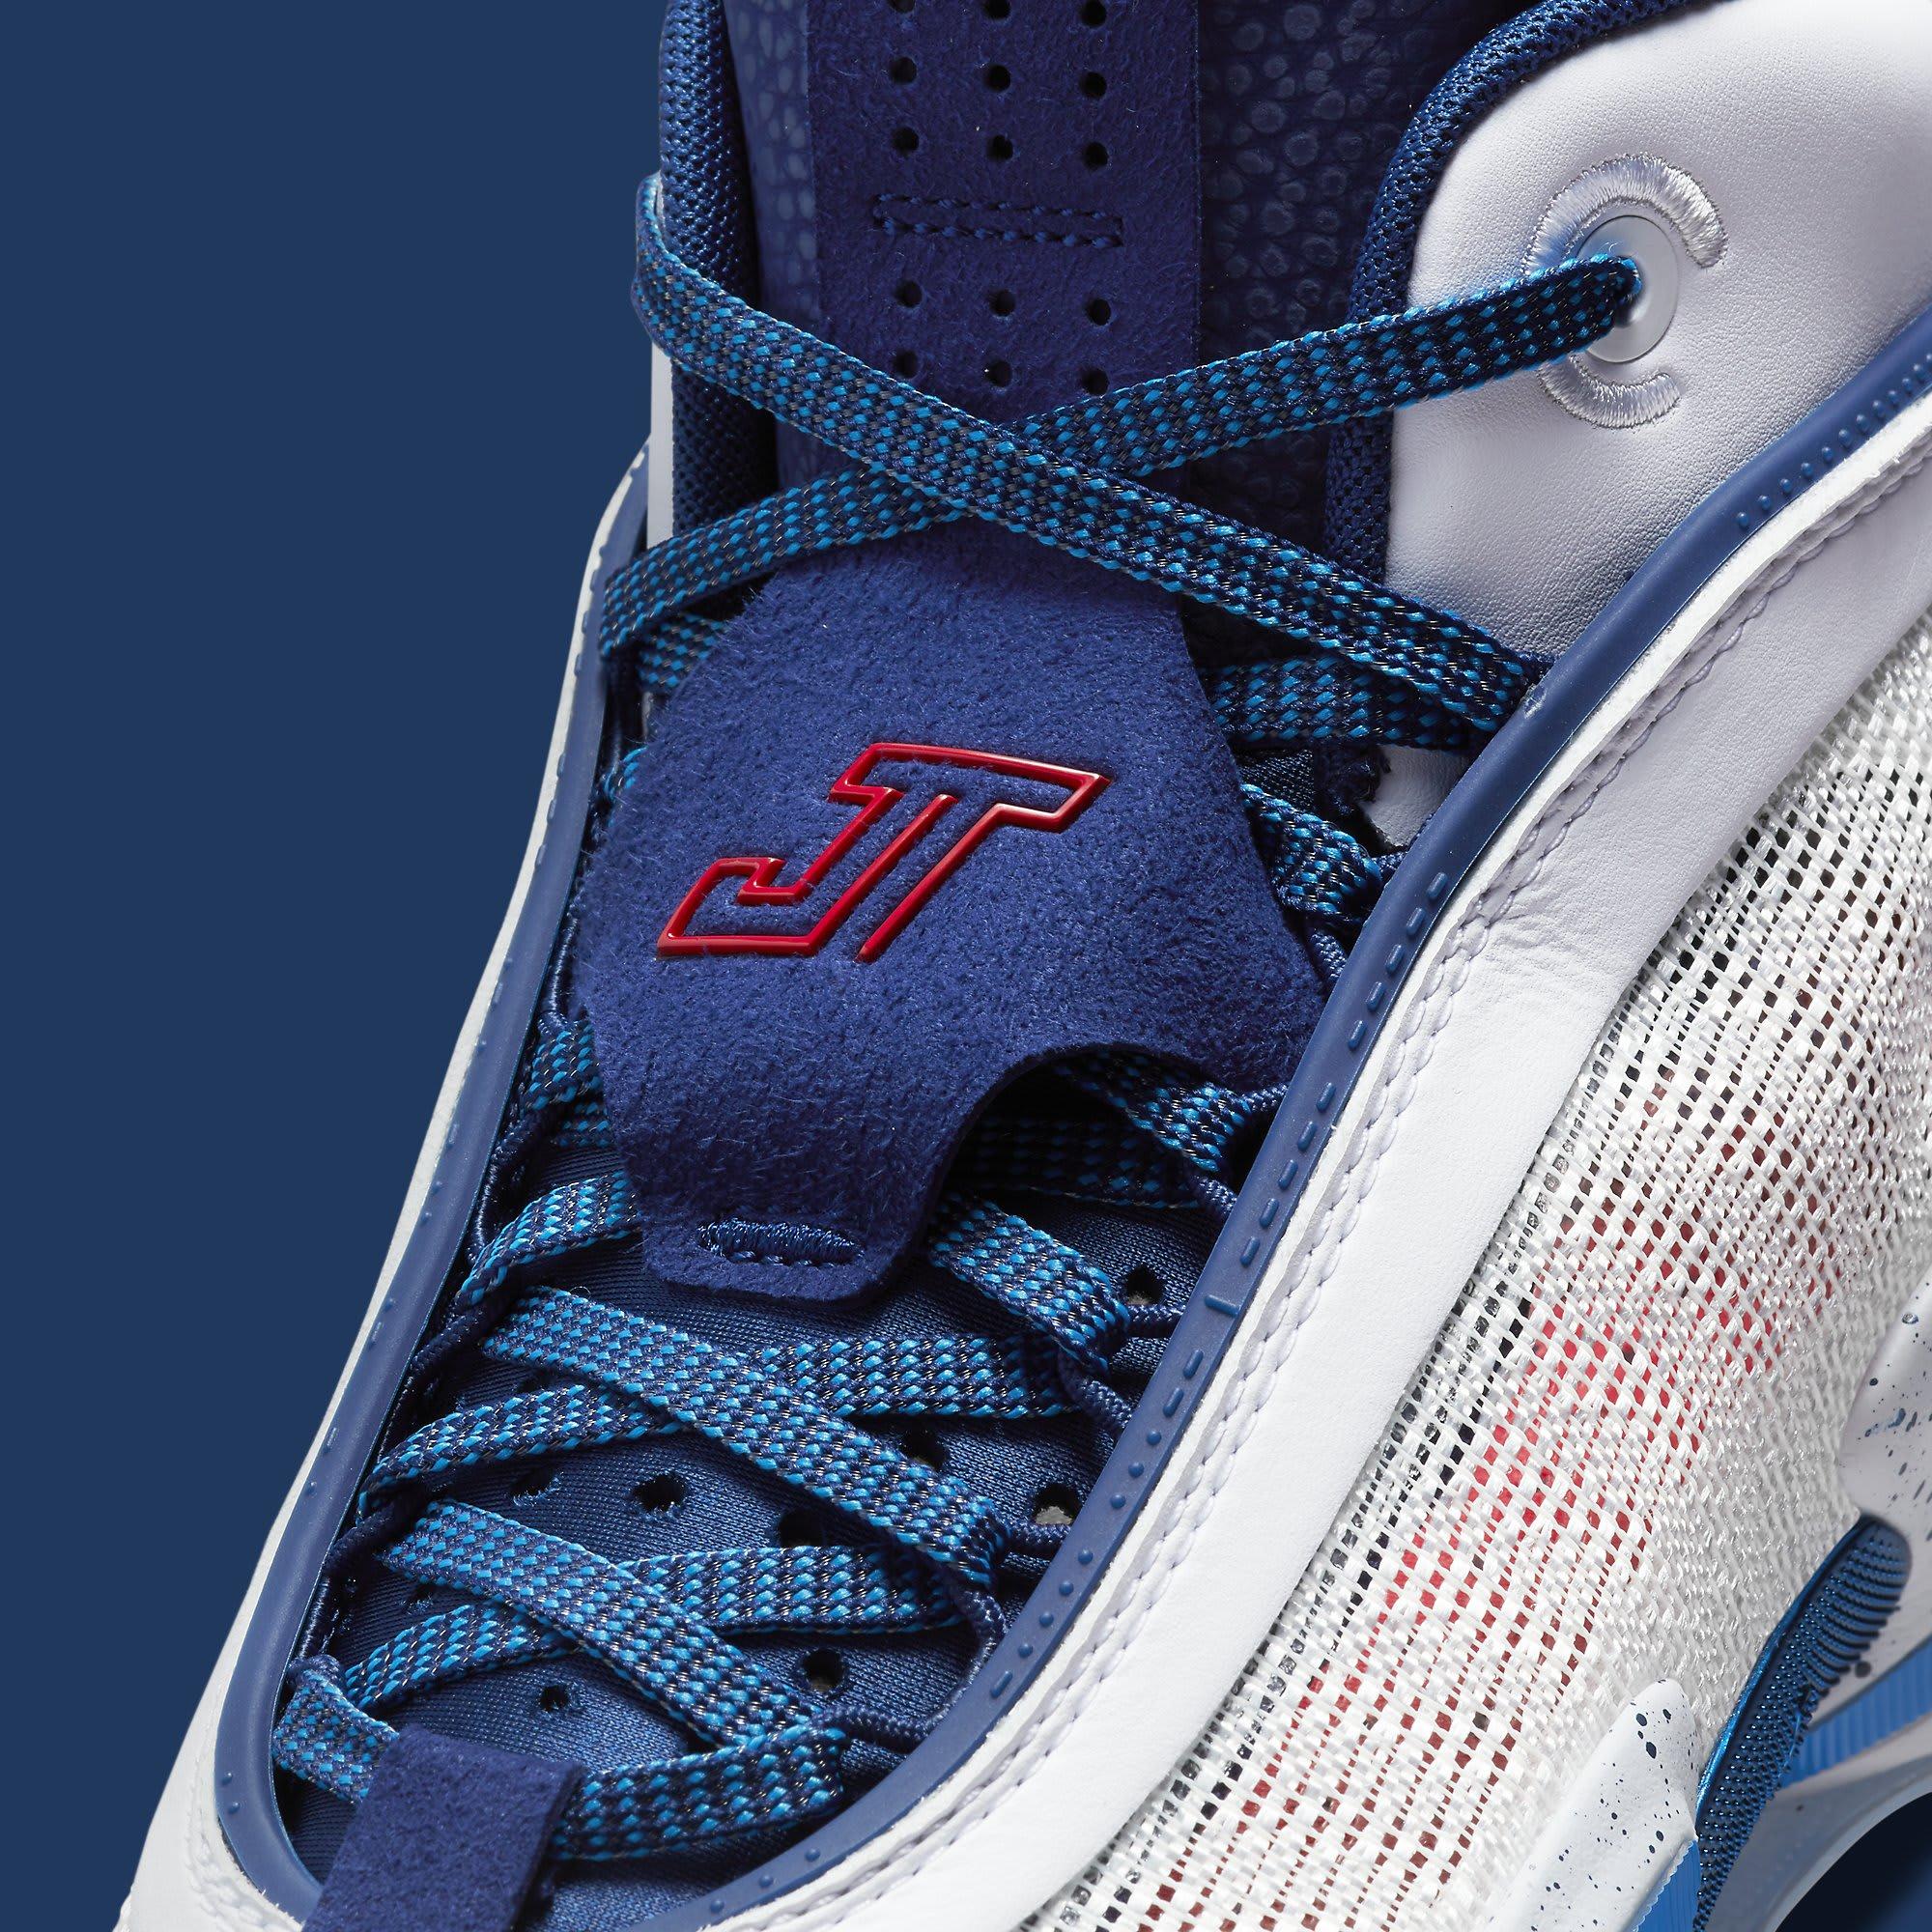 Air Jordan 36 Jayson Tatum PE DJ4484-100 Tongue